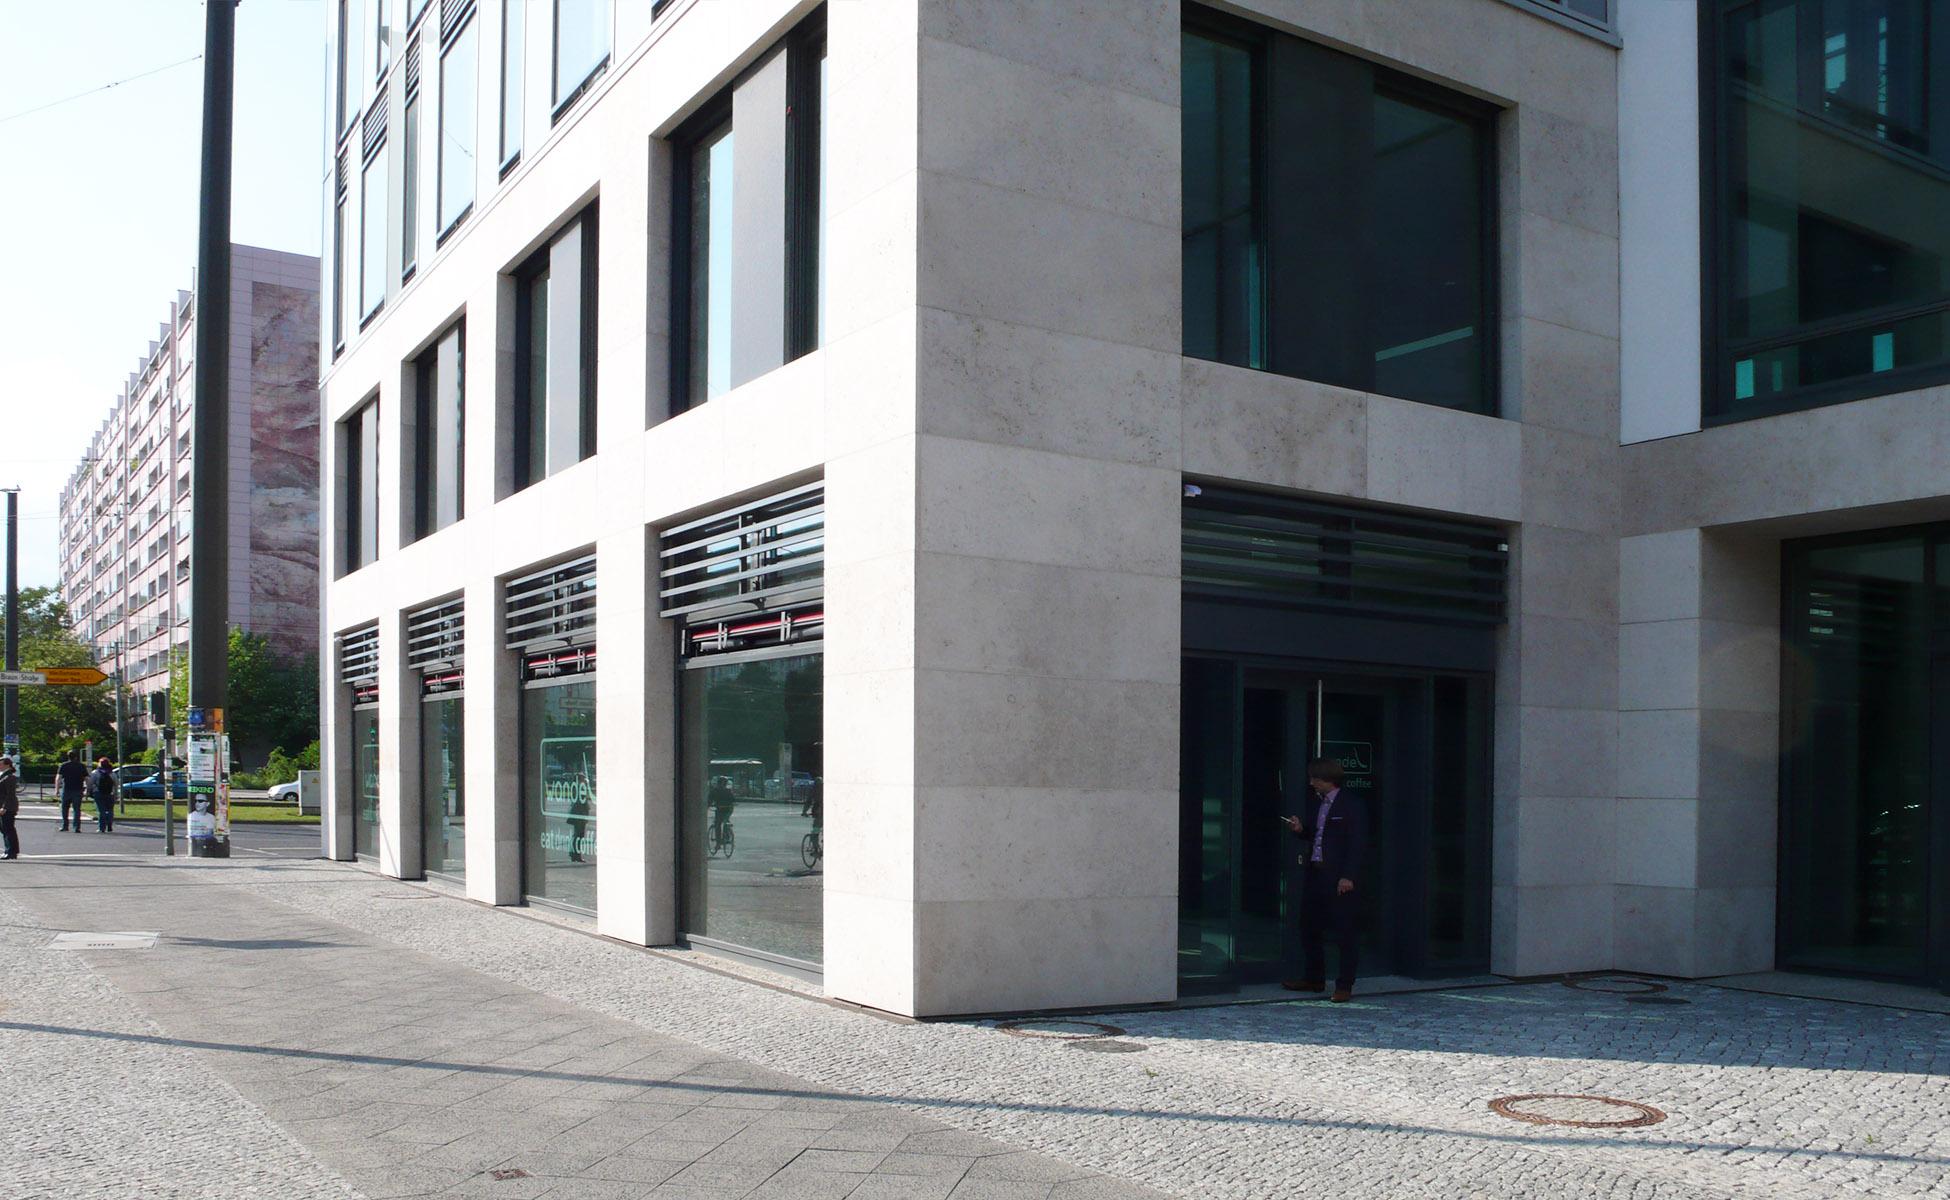 01 einrichtung mercedes-benz bank in der mollstraße berlin by steidten+